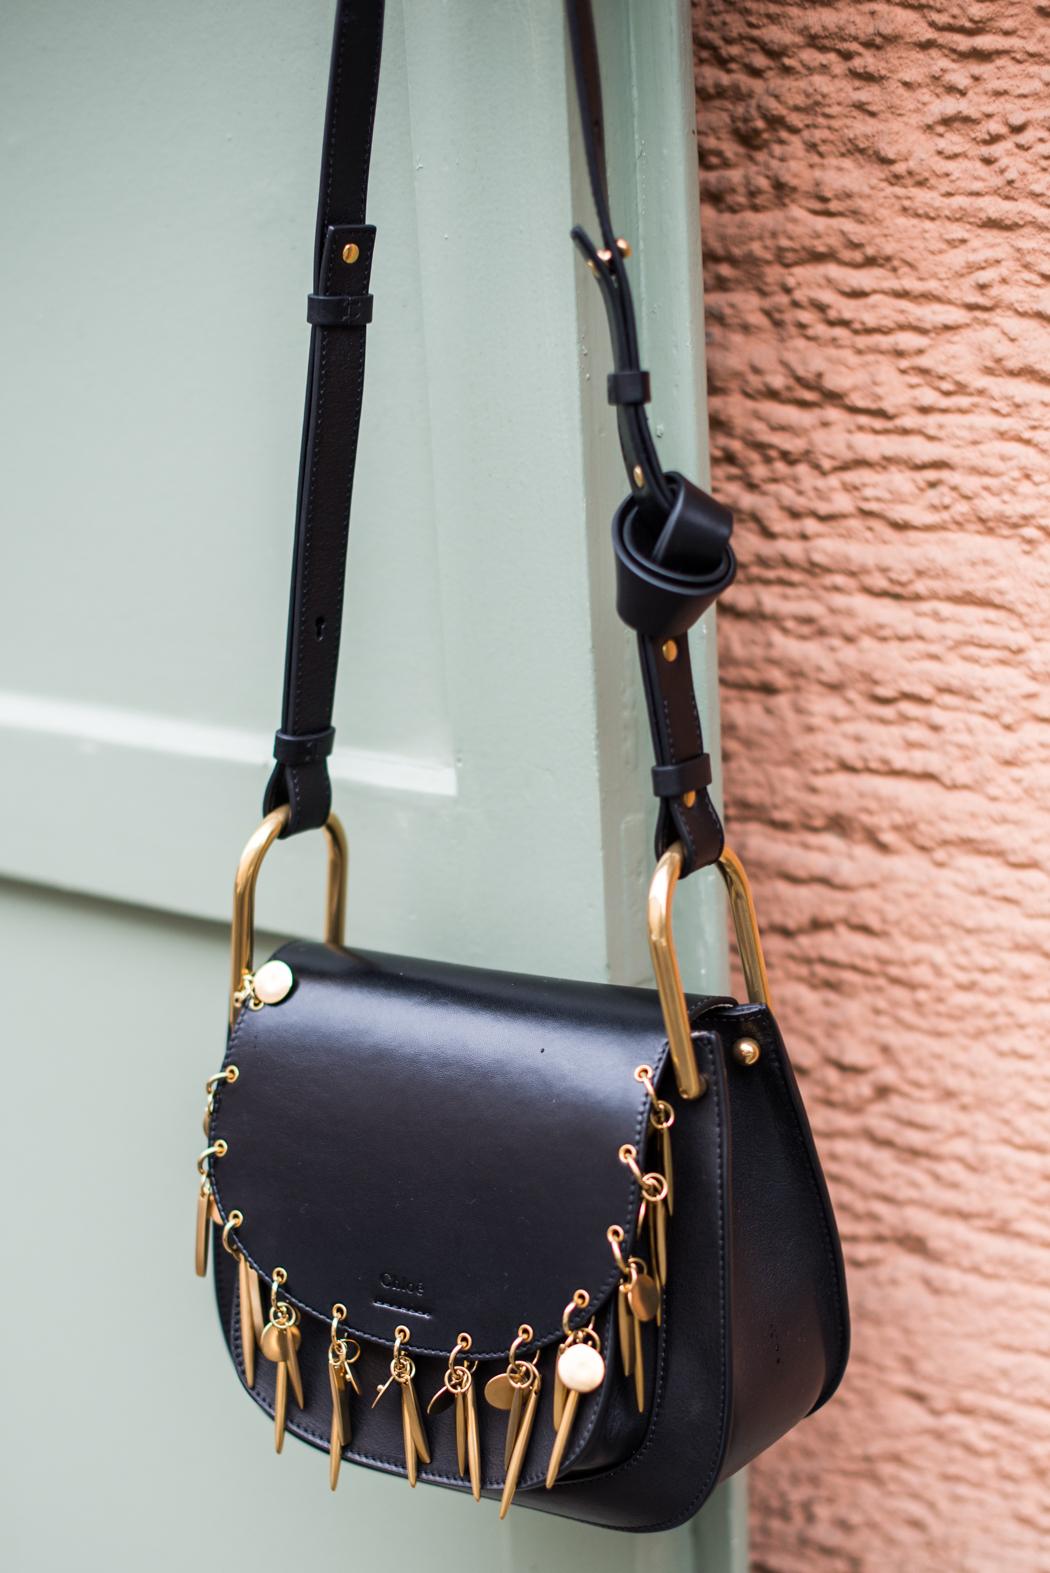 Fashionblog-Fashionblogger-Fashion-Blog-Blogger-Lindarella-Lifestyle-Chloe_Hudson_Bag-Chloe_Hudson_Mini_Charm-Chloe_Bag-Chloegirls-9